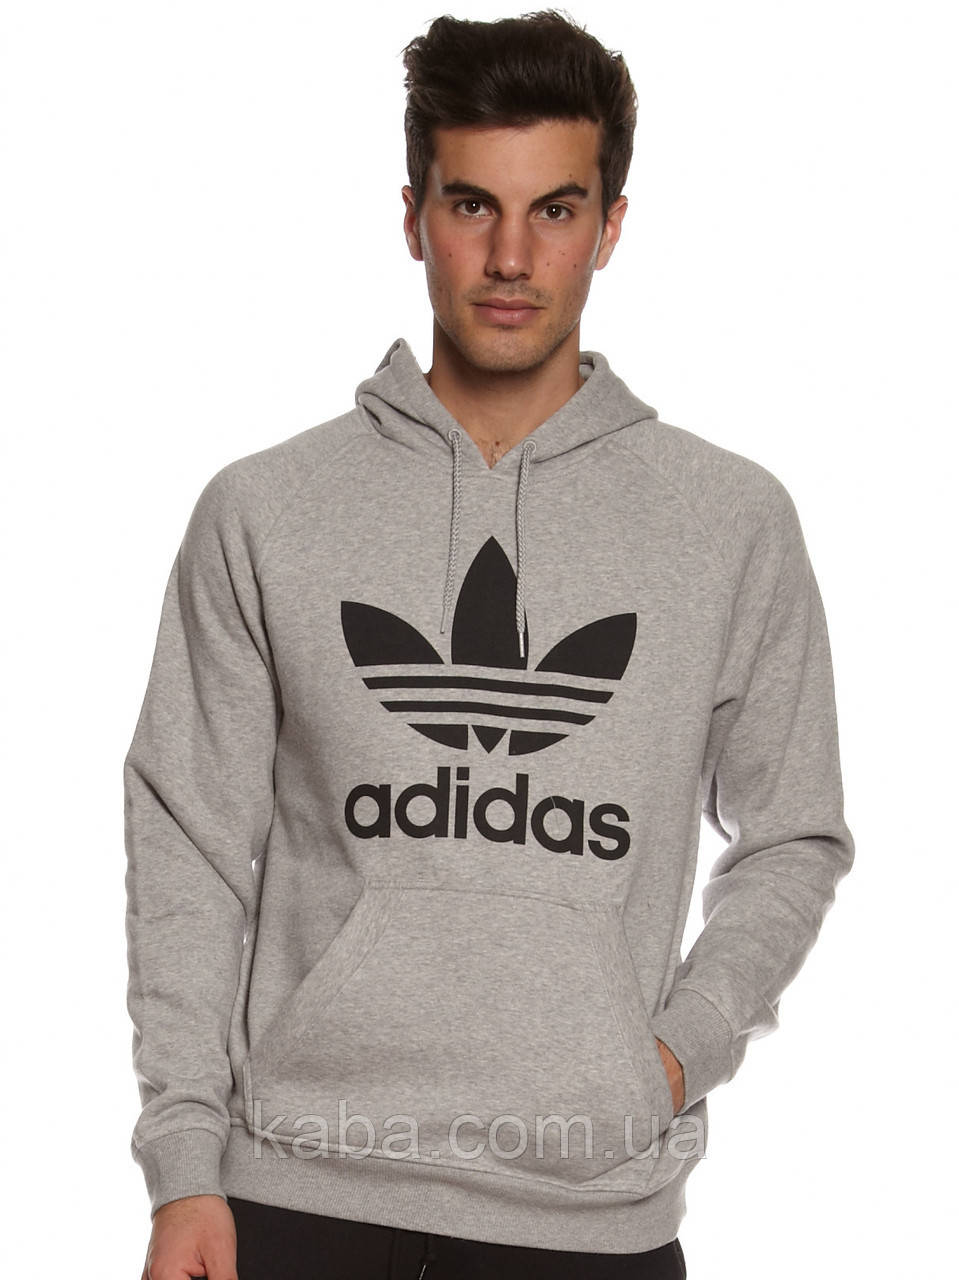 Худи Adidas Old School серое с черным логотипом, унисекс (мужское, женское, детское)